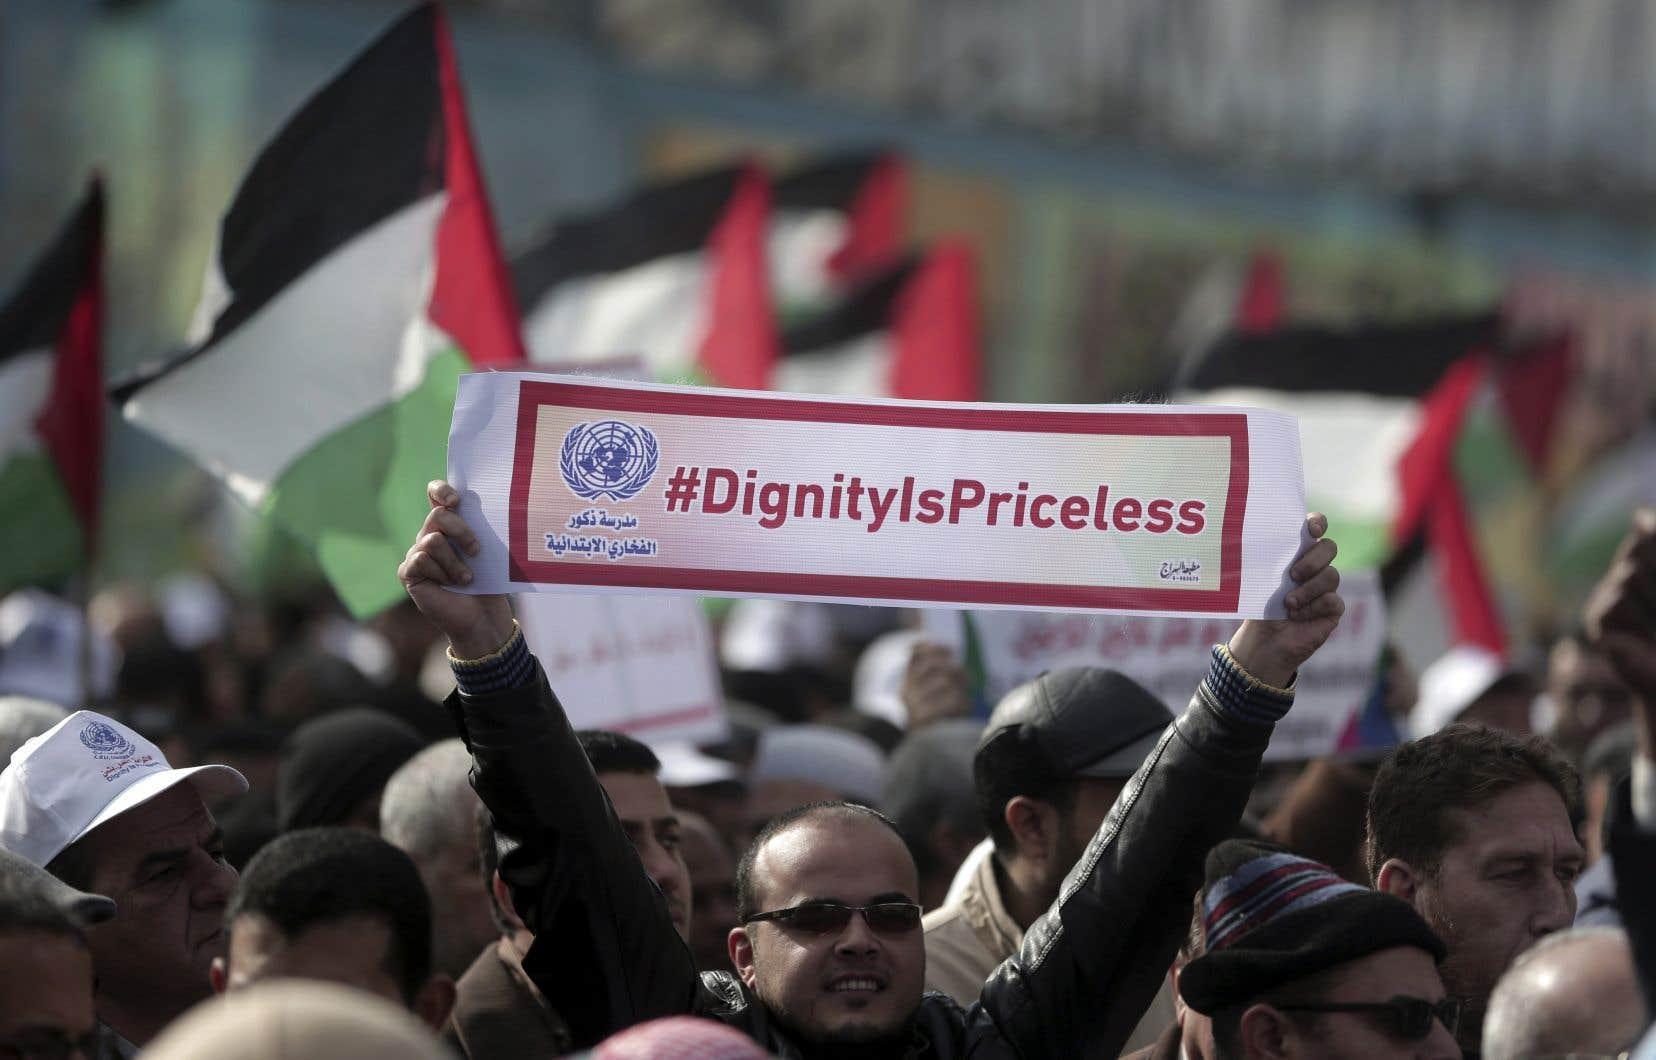 Des milliers de personnes ont manifesté contre le gel américain des fonds d'aide humanitaire, lundi, à Gaza.